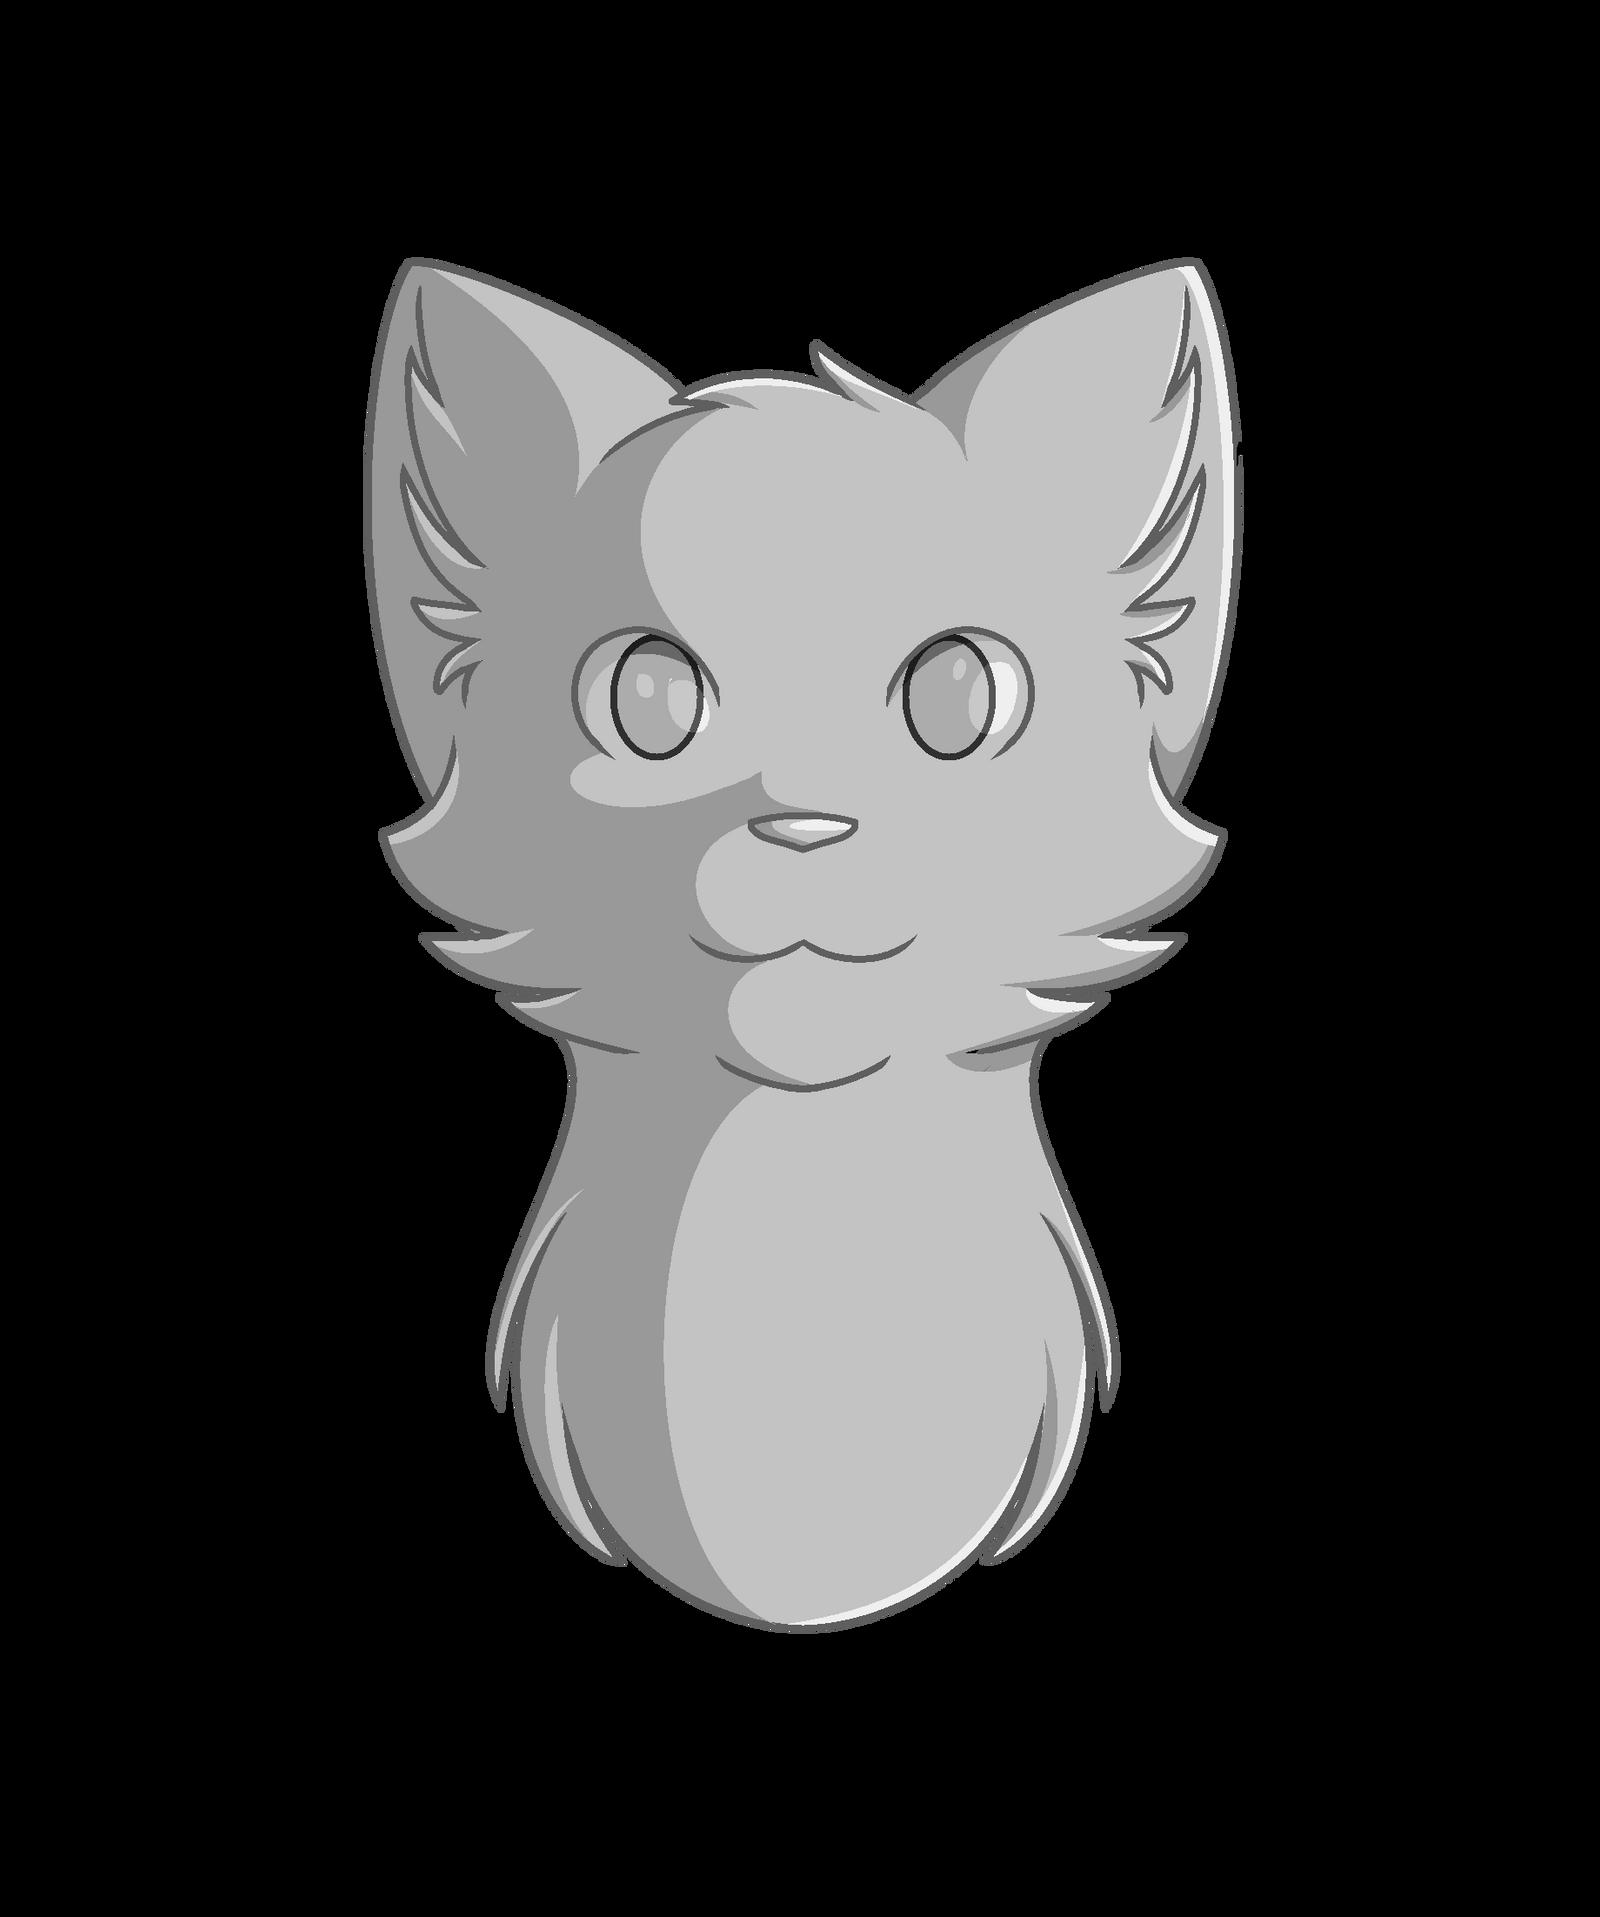 Uncategorized Cat Head Drawing cat head shot line art by maracat0901 on deviantart maracat0901